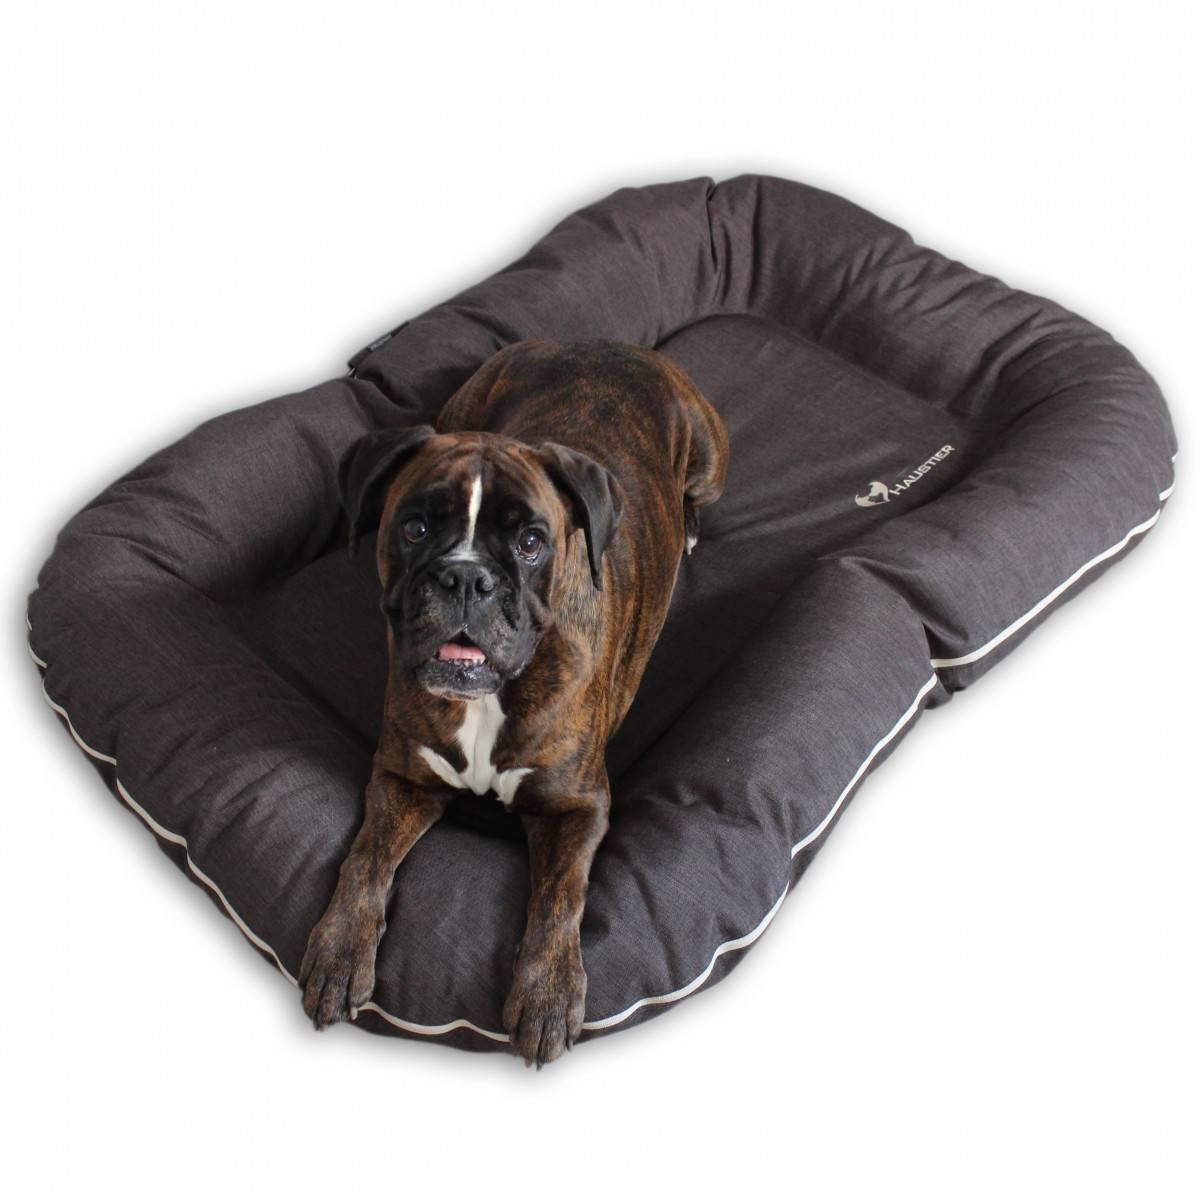 Какие бывают лежанки для собак: стандартные подстилки, оригинальные домики, пуфики